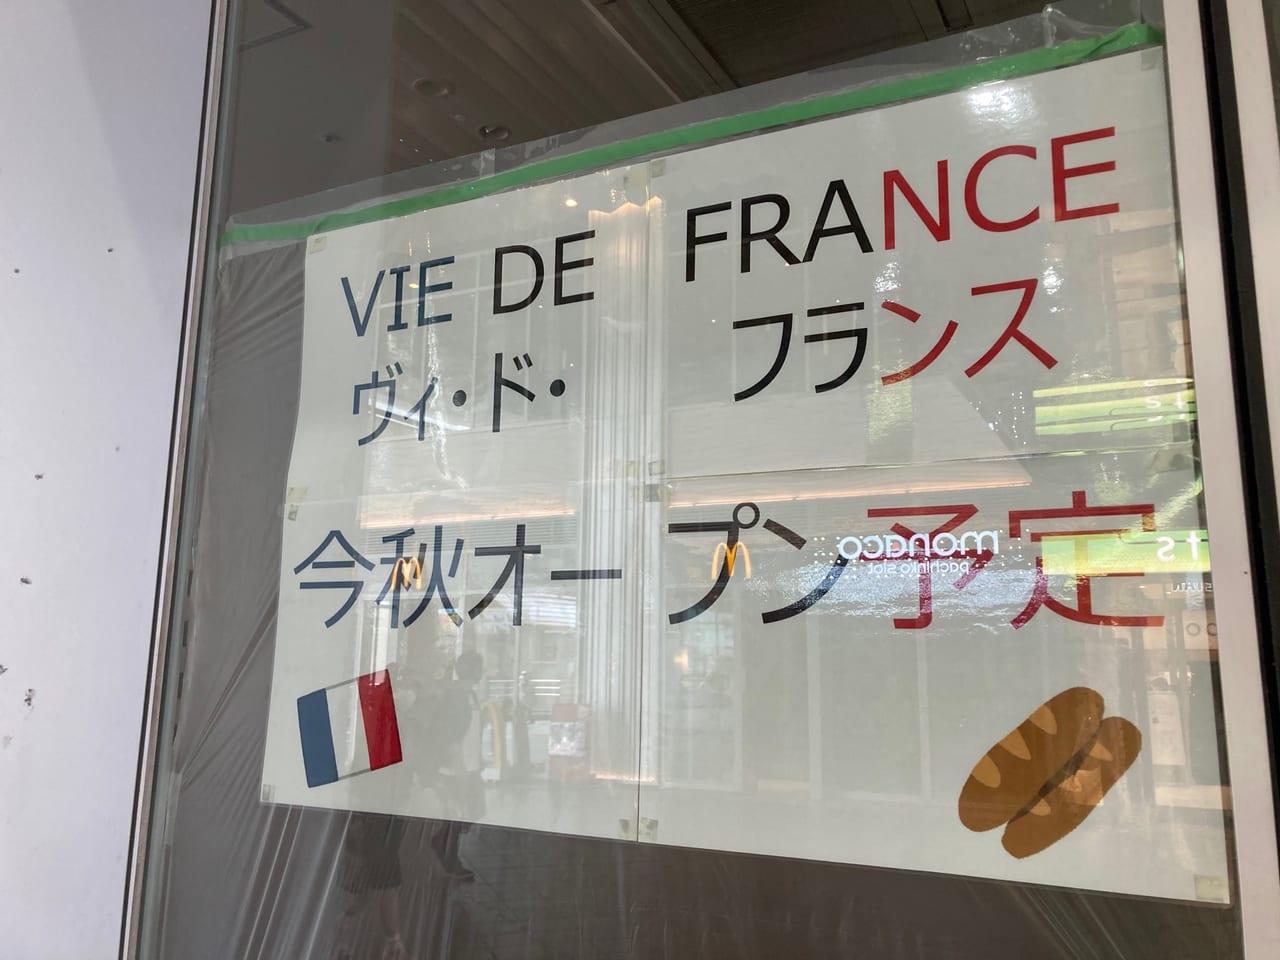 パン屋『VIE DE FRANCE』が秋にオープン予定!場所はやっぱりあの跡地でした!!